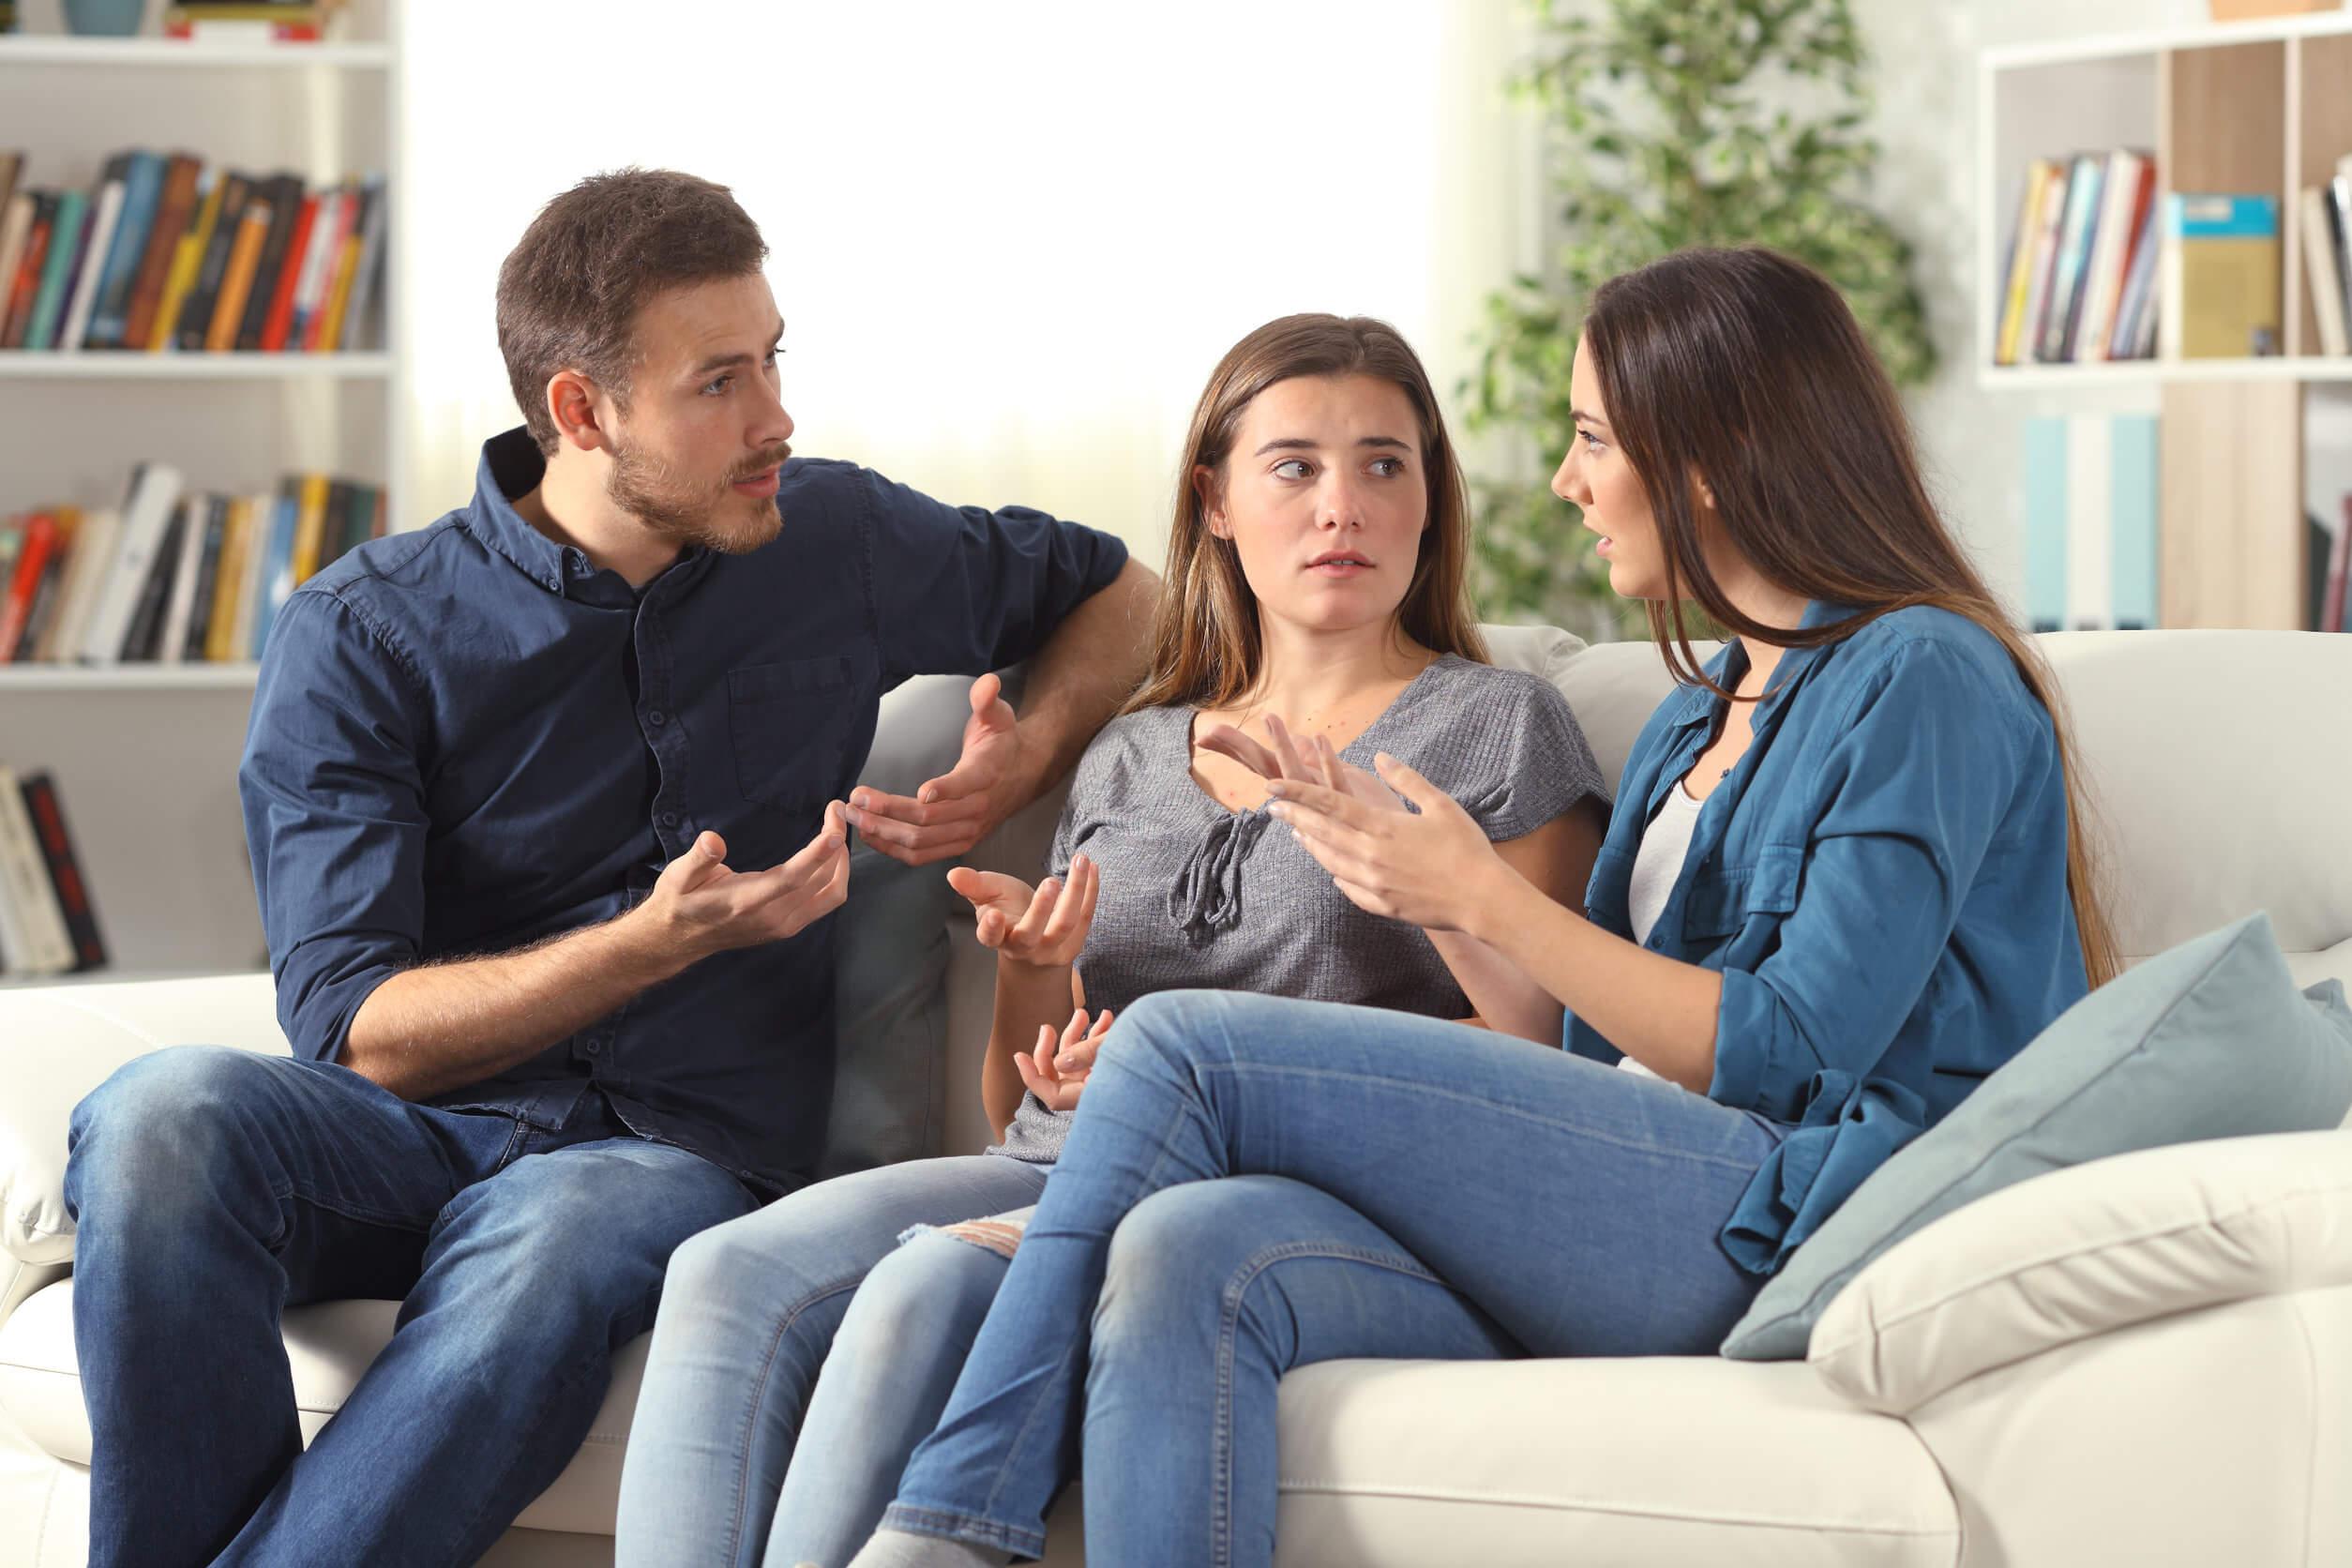 Lo que decimos, lo que comunicamos y lo que los demás entienden